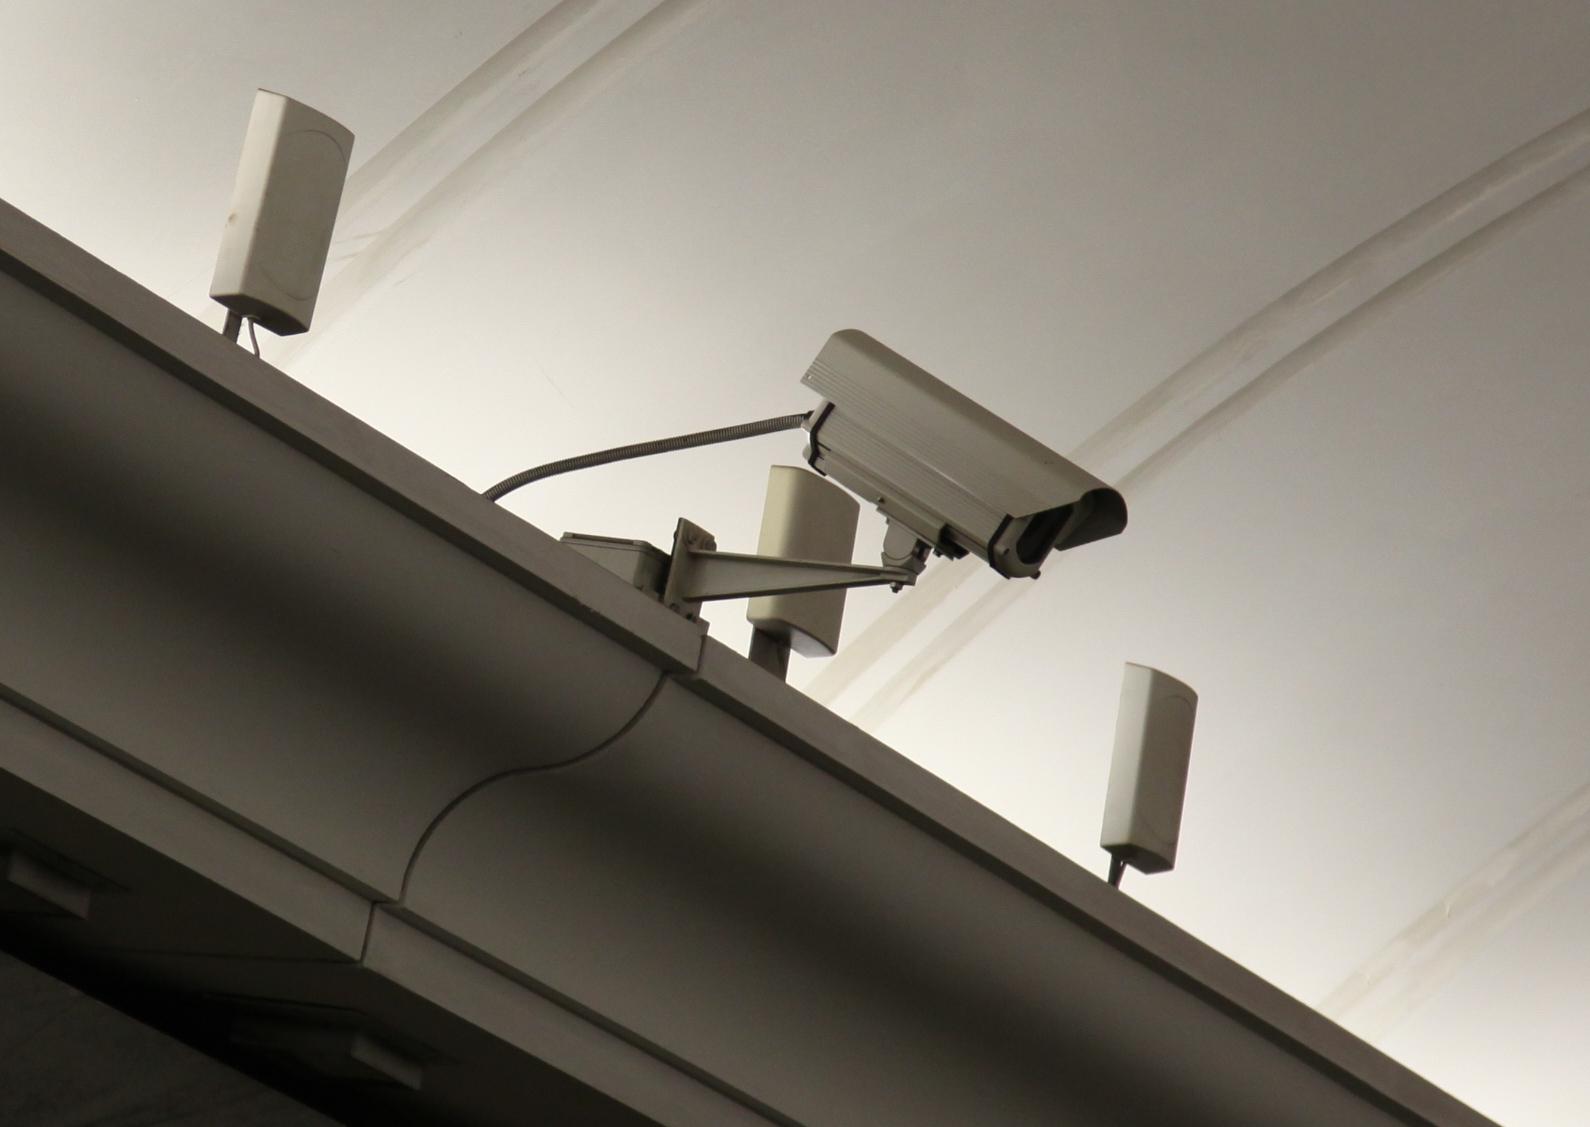 Школы и детсады Москвы получат видеокамеры с распознаванием лиц